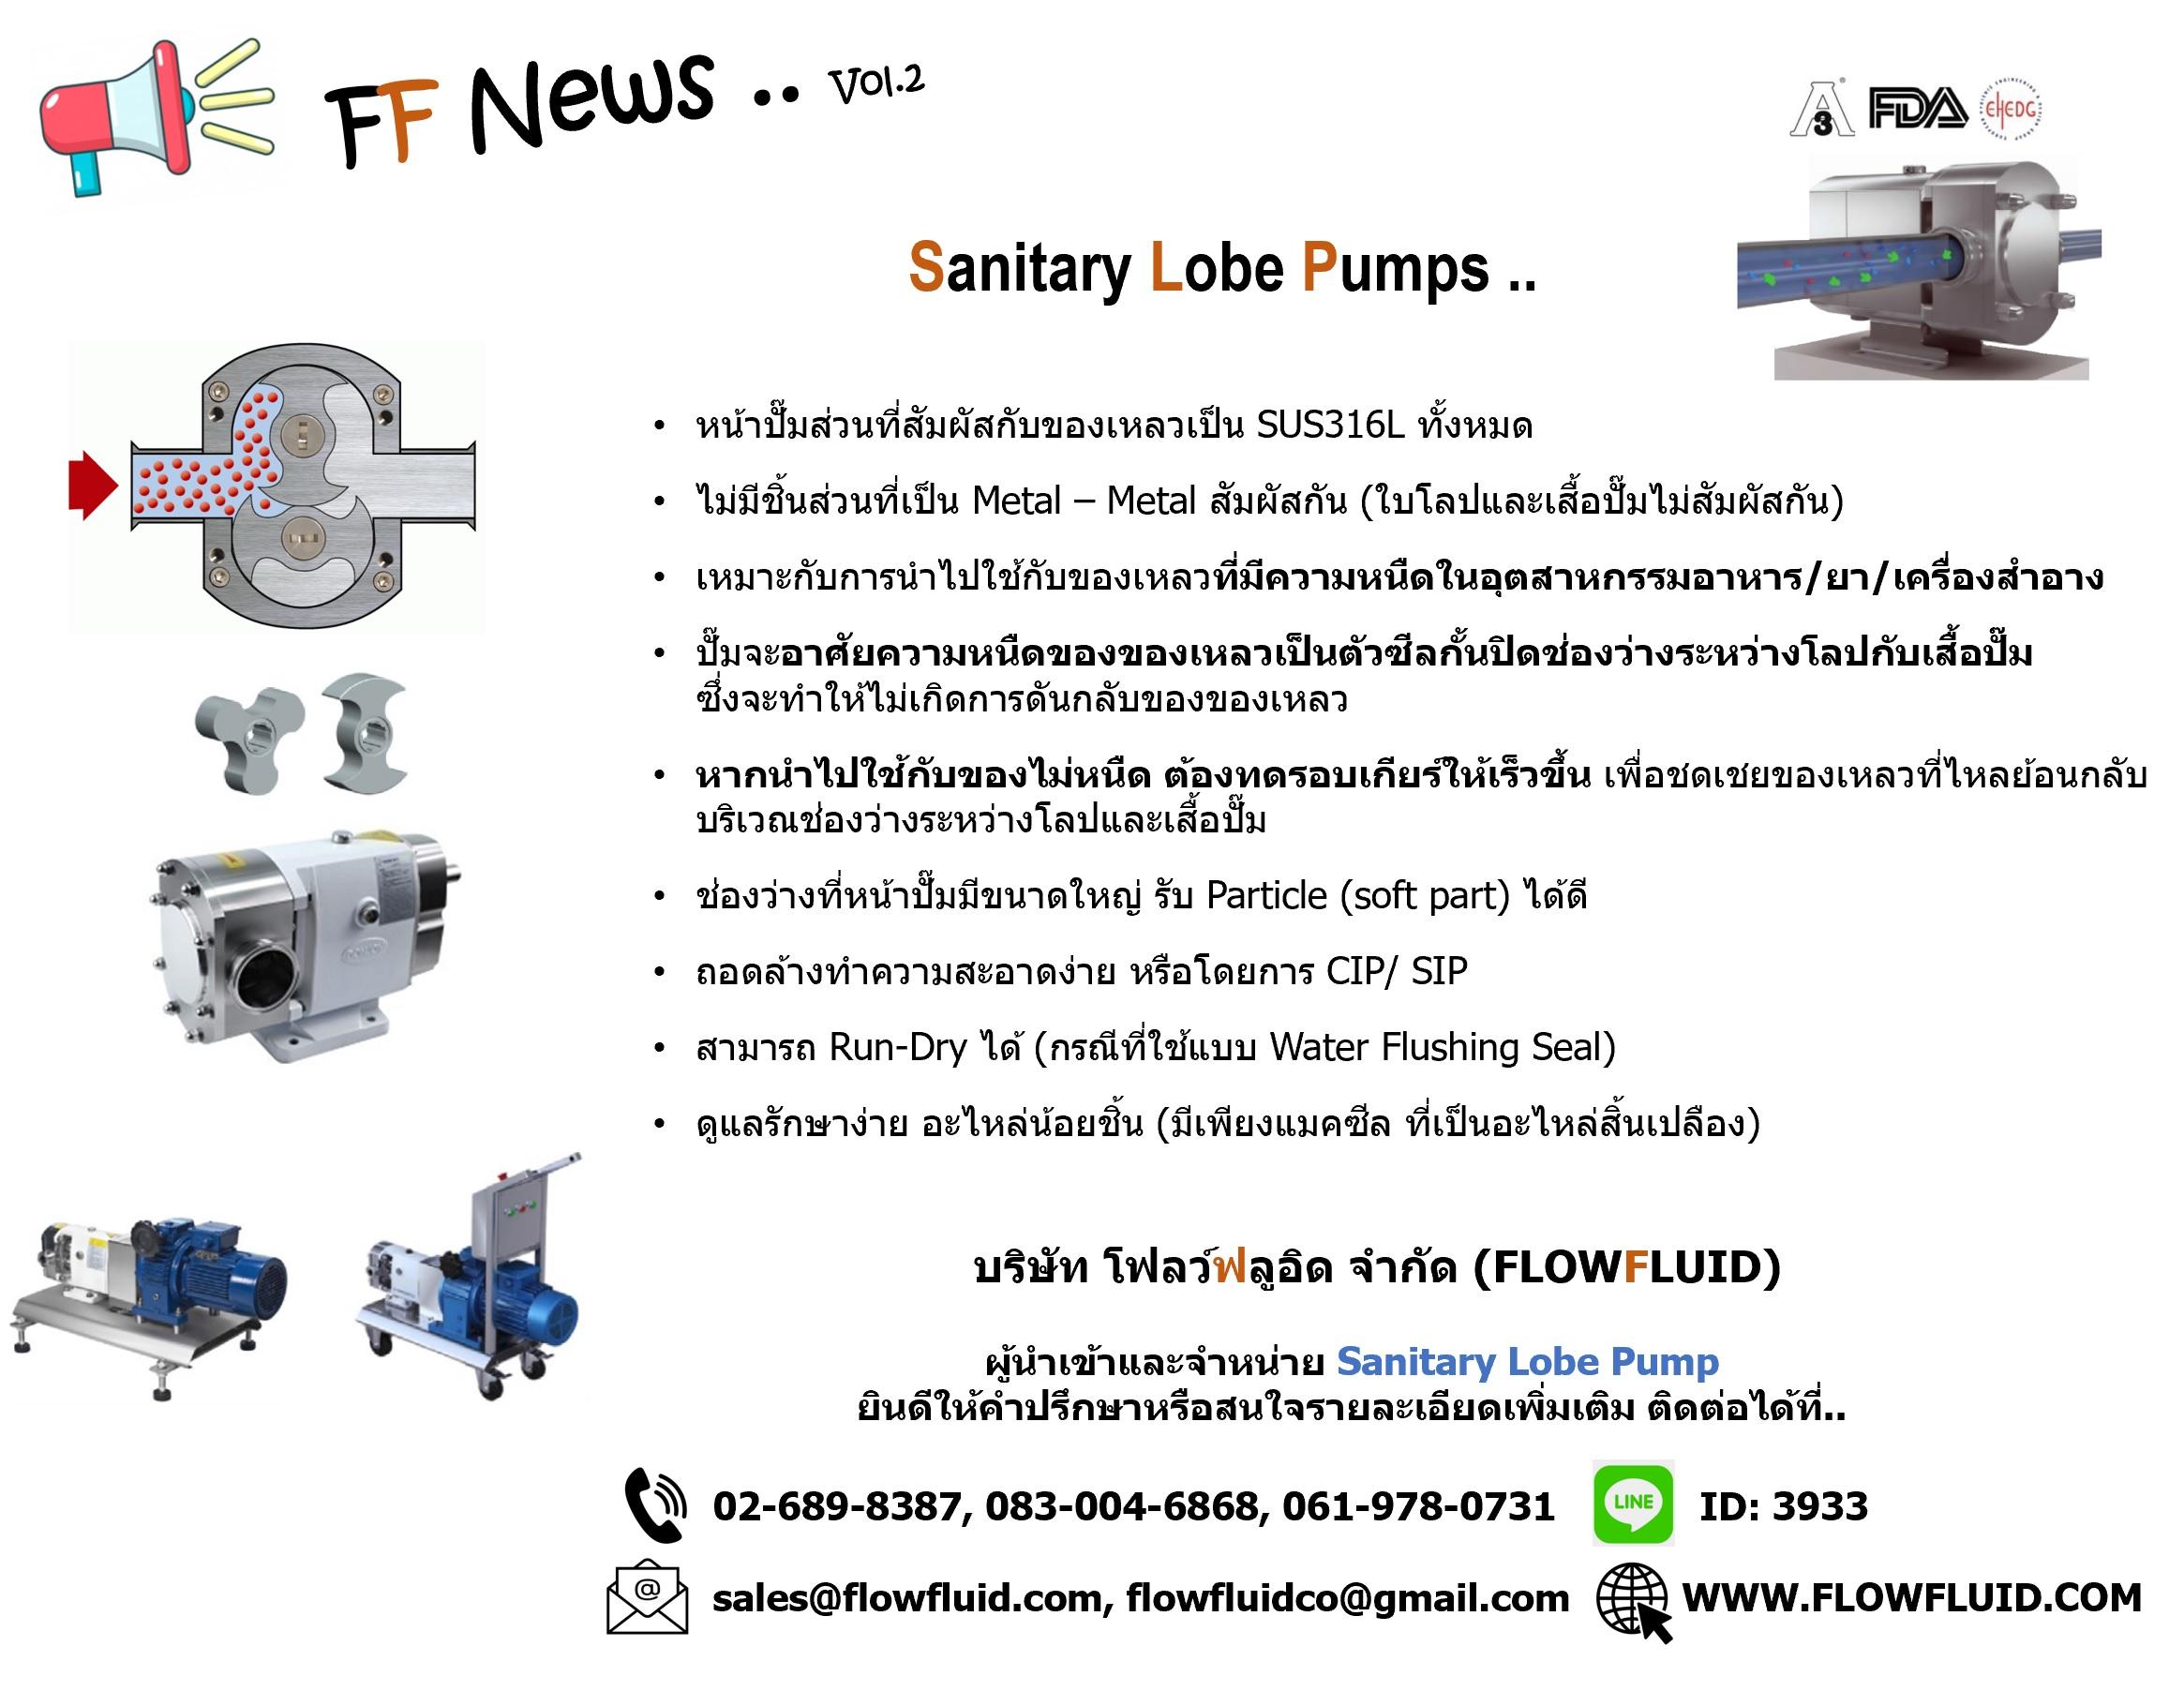 Sanitary Lobe Pump